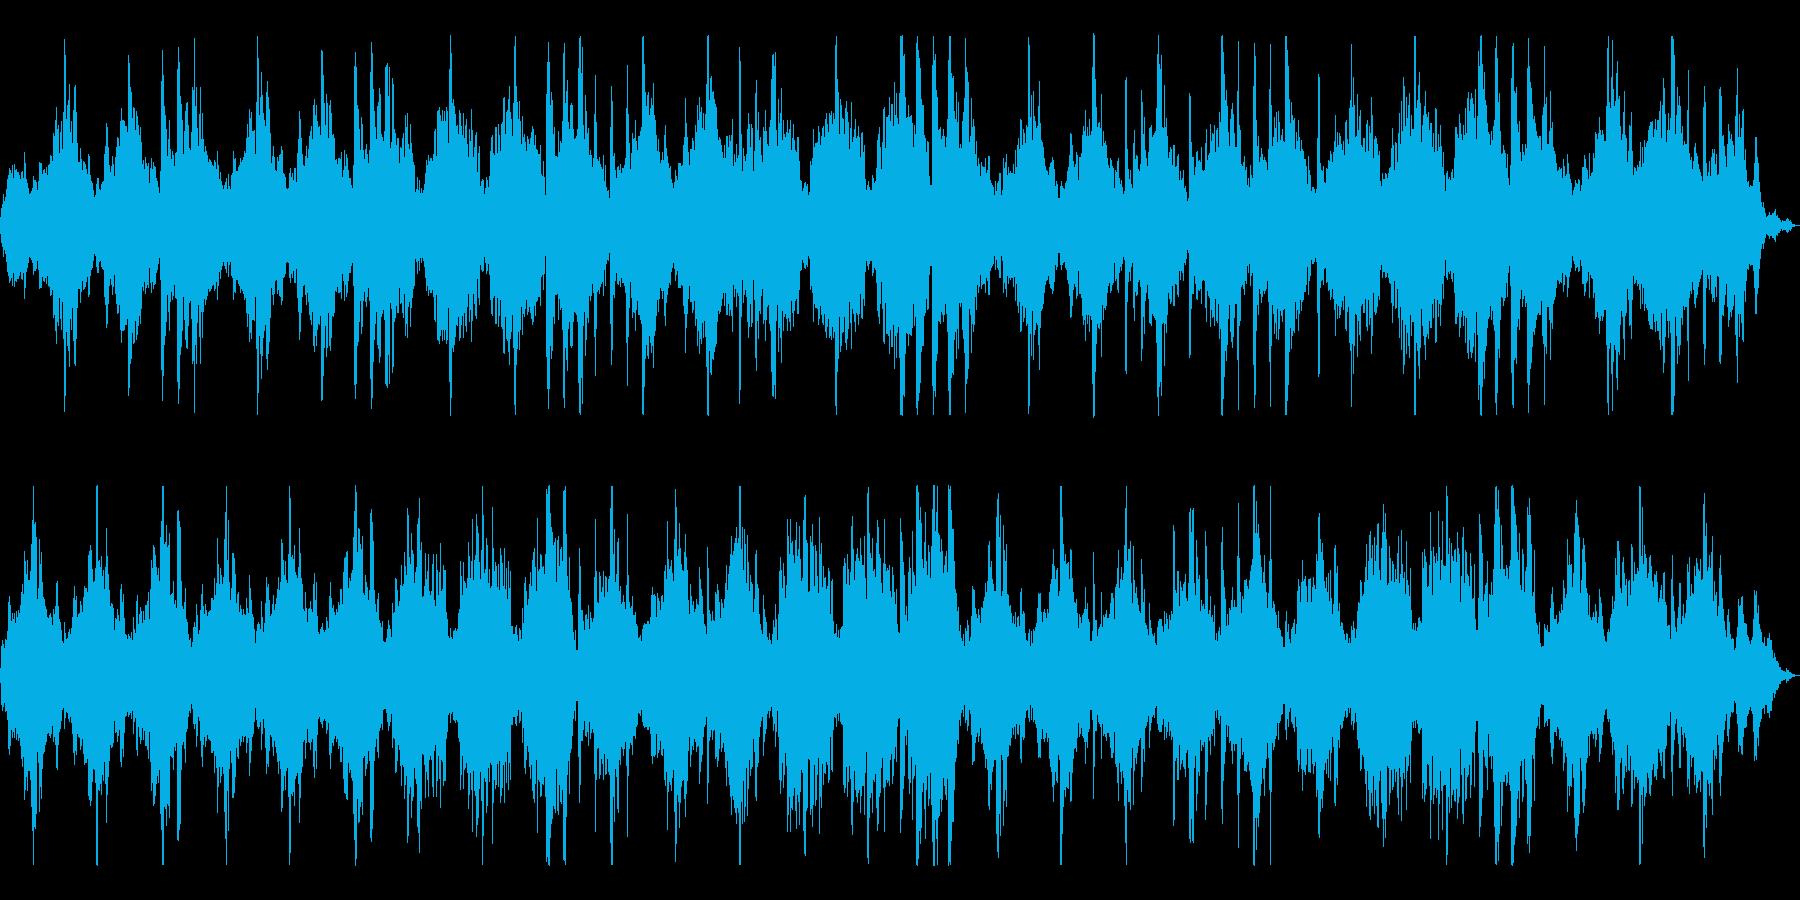 瞑想やヨガ、睡眠誘導のための音楽 06の再生済みの波形